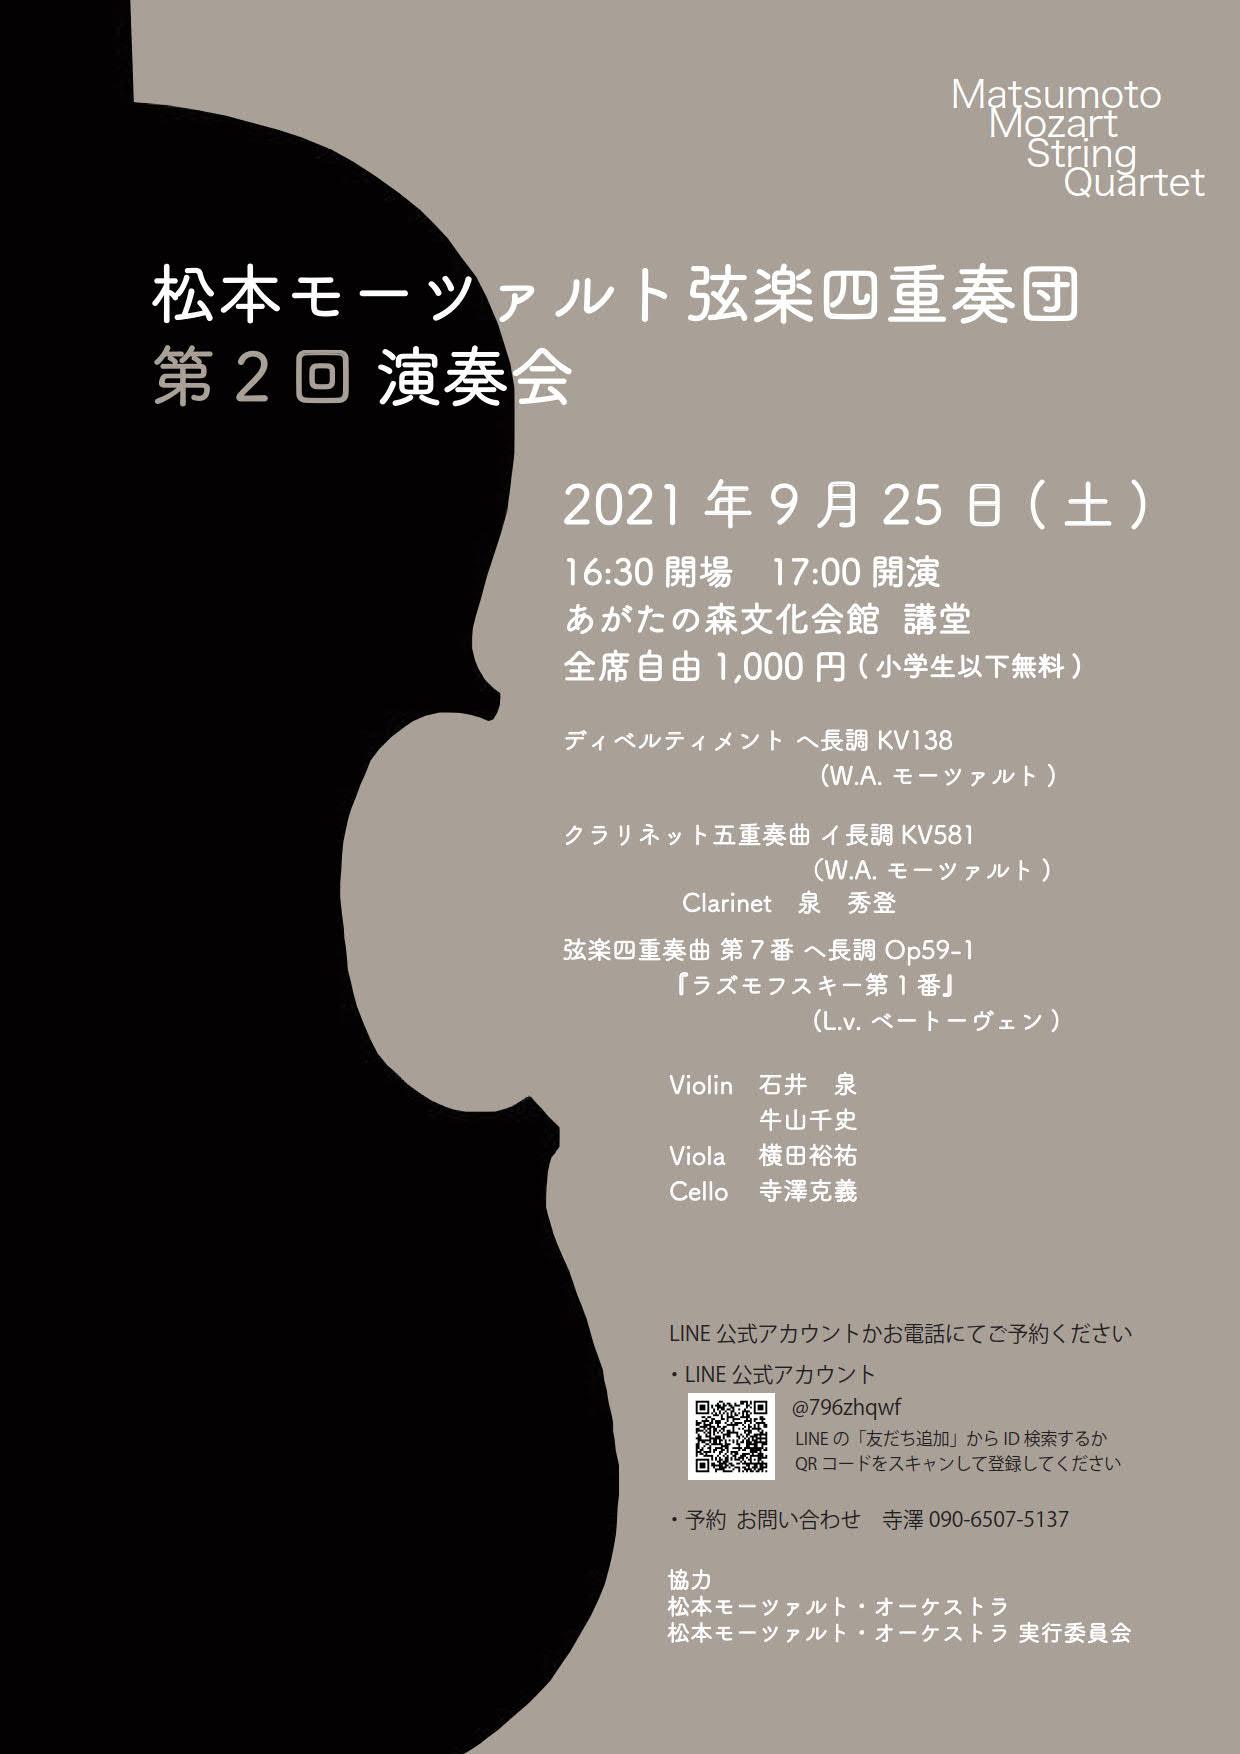 松本モーツァルト弦楽四重奏団 第2回演奏会